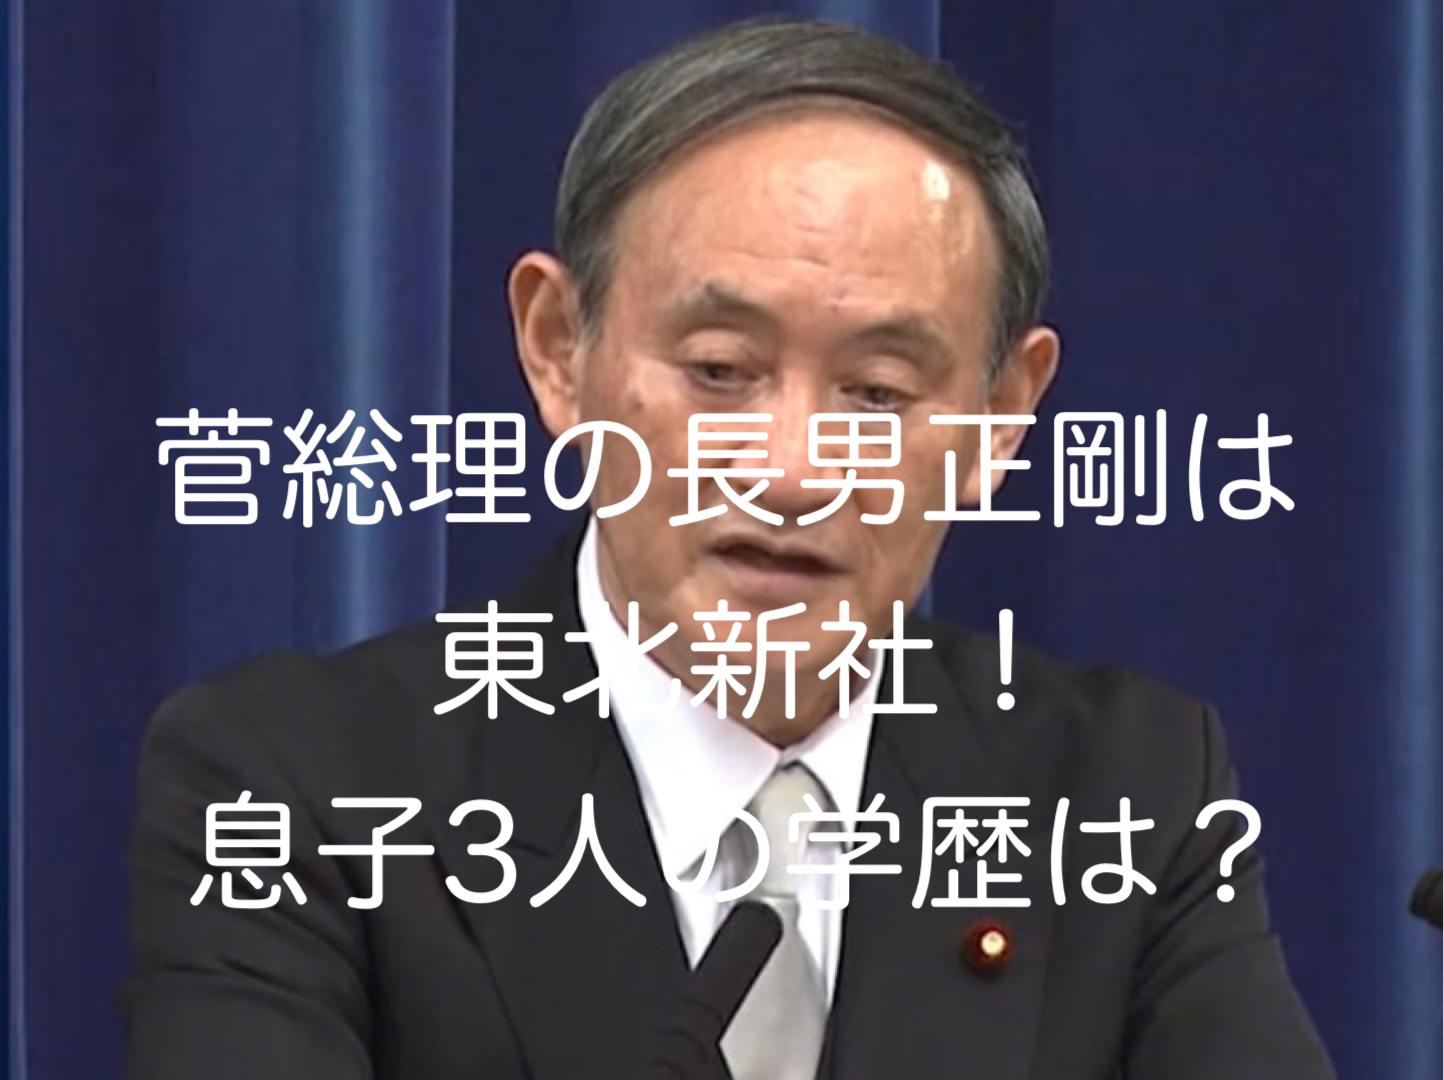 息子 菅 総理 菅義偉総理の息子3人の学歴や年齢は?大成建設や三井物産の噂は本当?